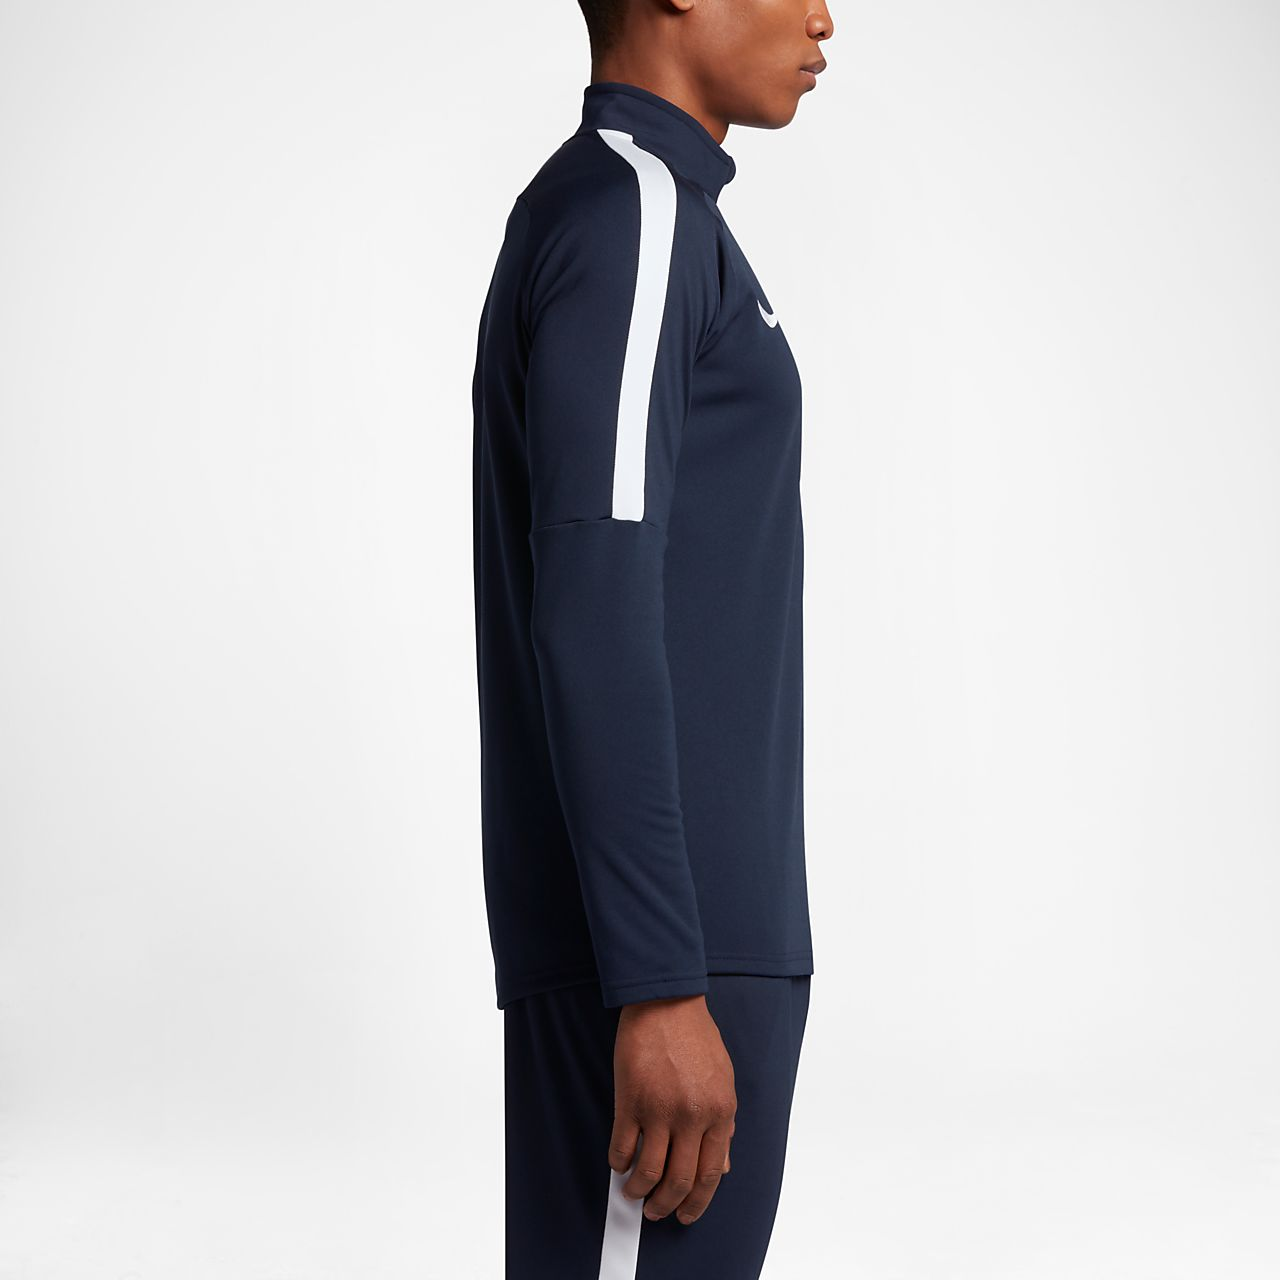 1453d4679a909 ... Nike Dri-FIT Academy Camiseta de fútbol de entrenamiento con cremallera  de 1 4